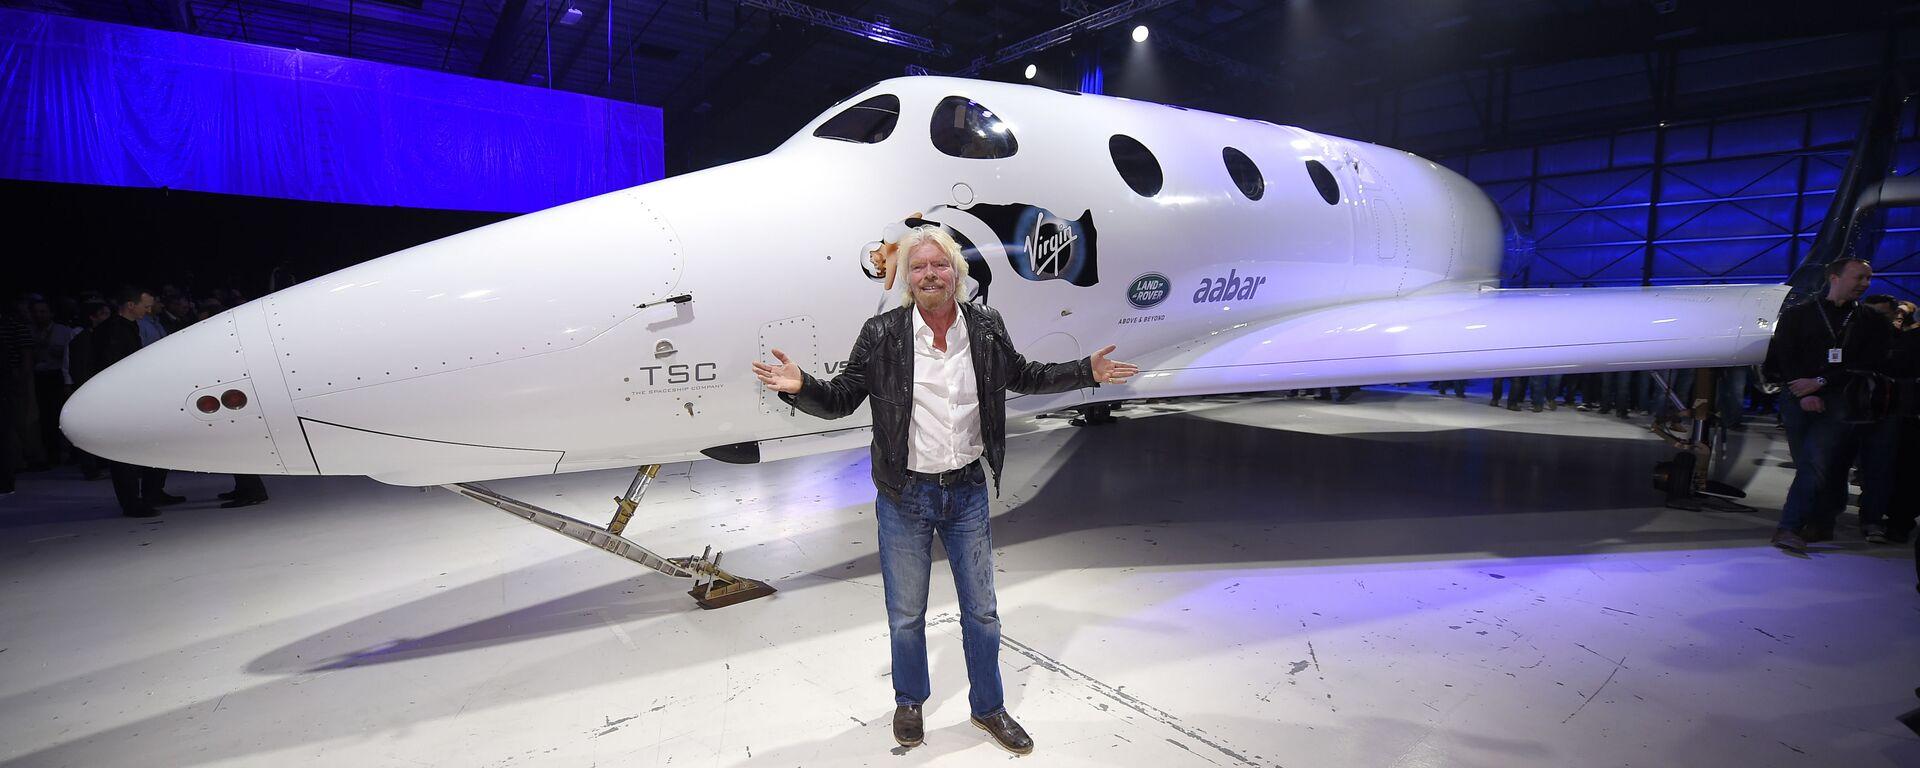 Richard Branson i nowy statek SpaceShipTwo - Sputnik Polska, 1920, 11.07.2021